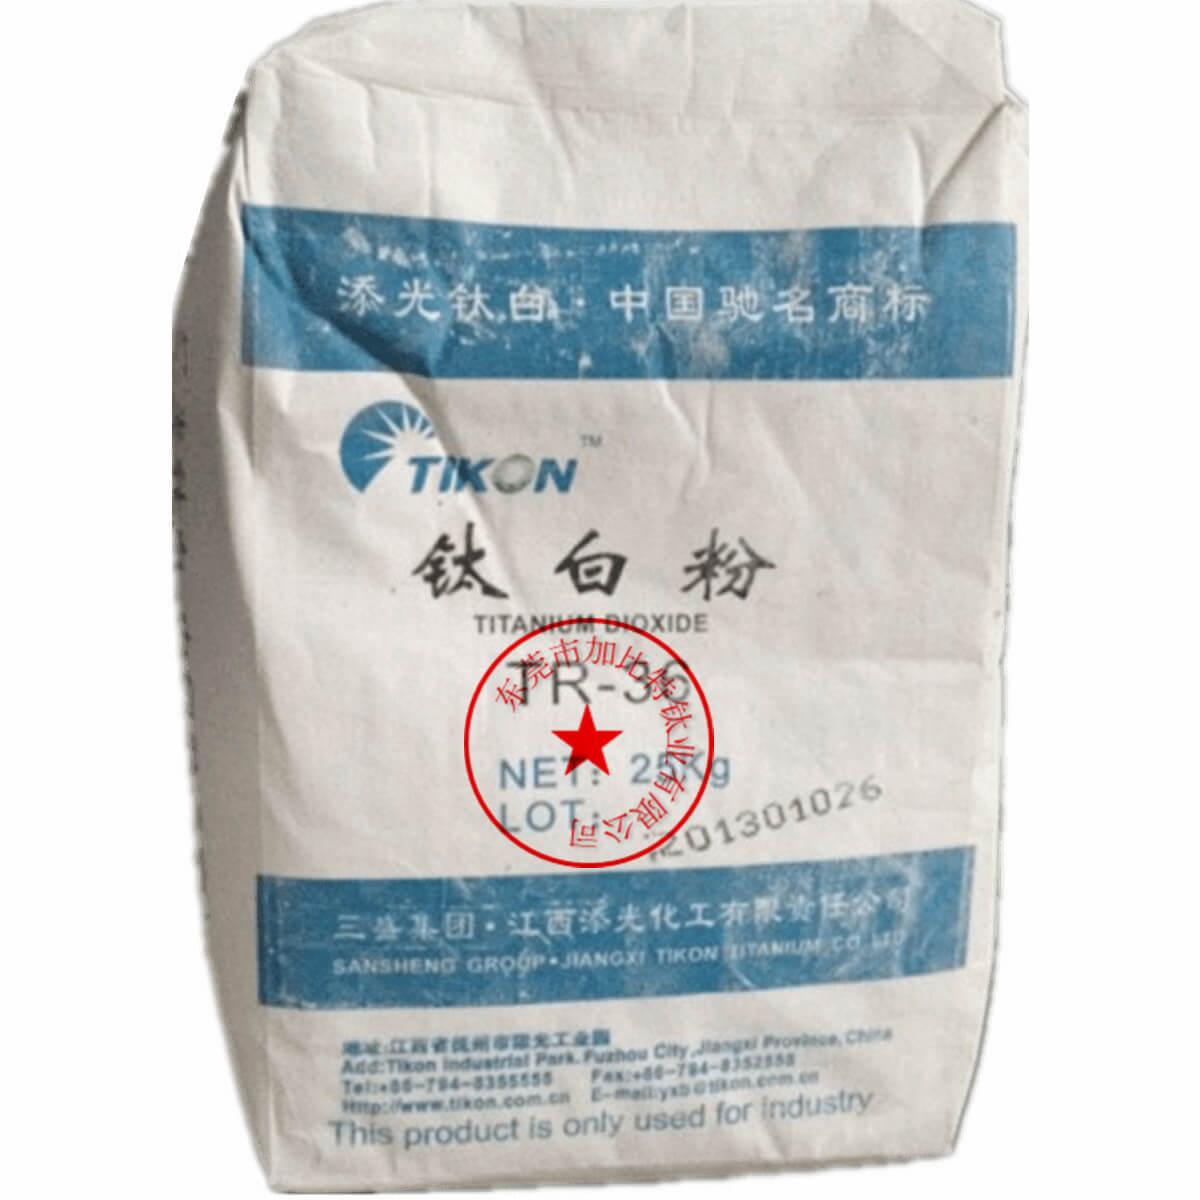 科斯特TiKON TR-36 塑料用钛白粉